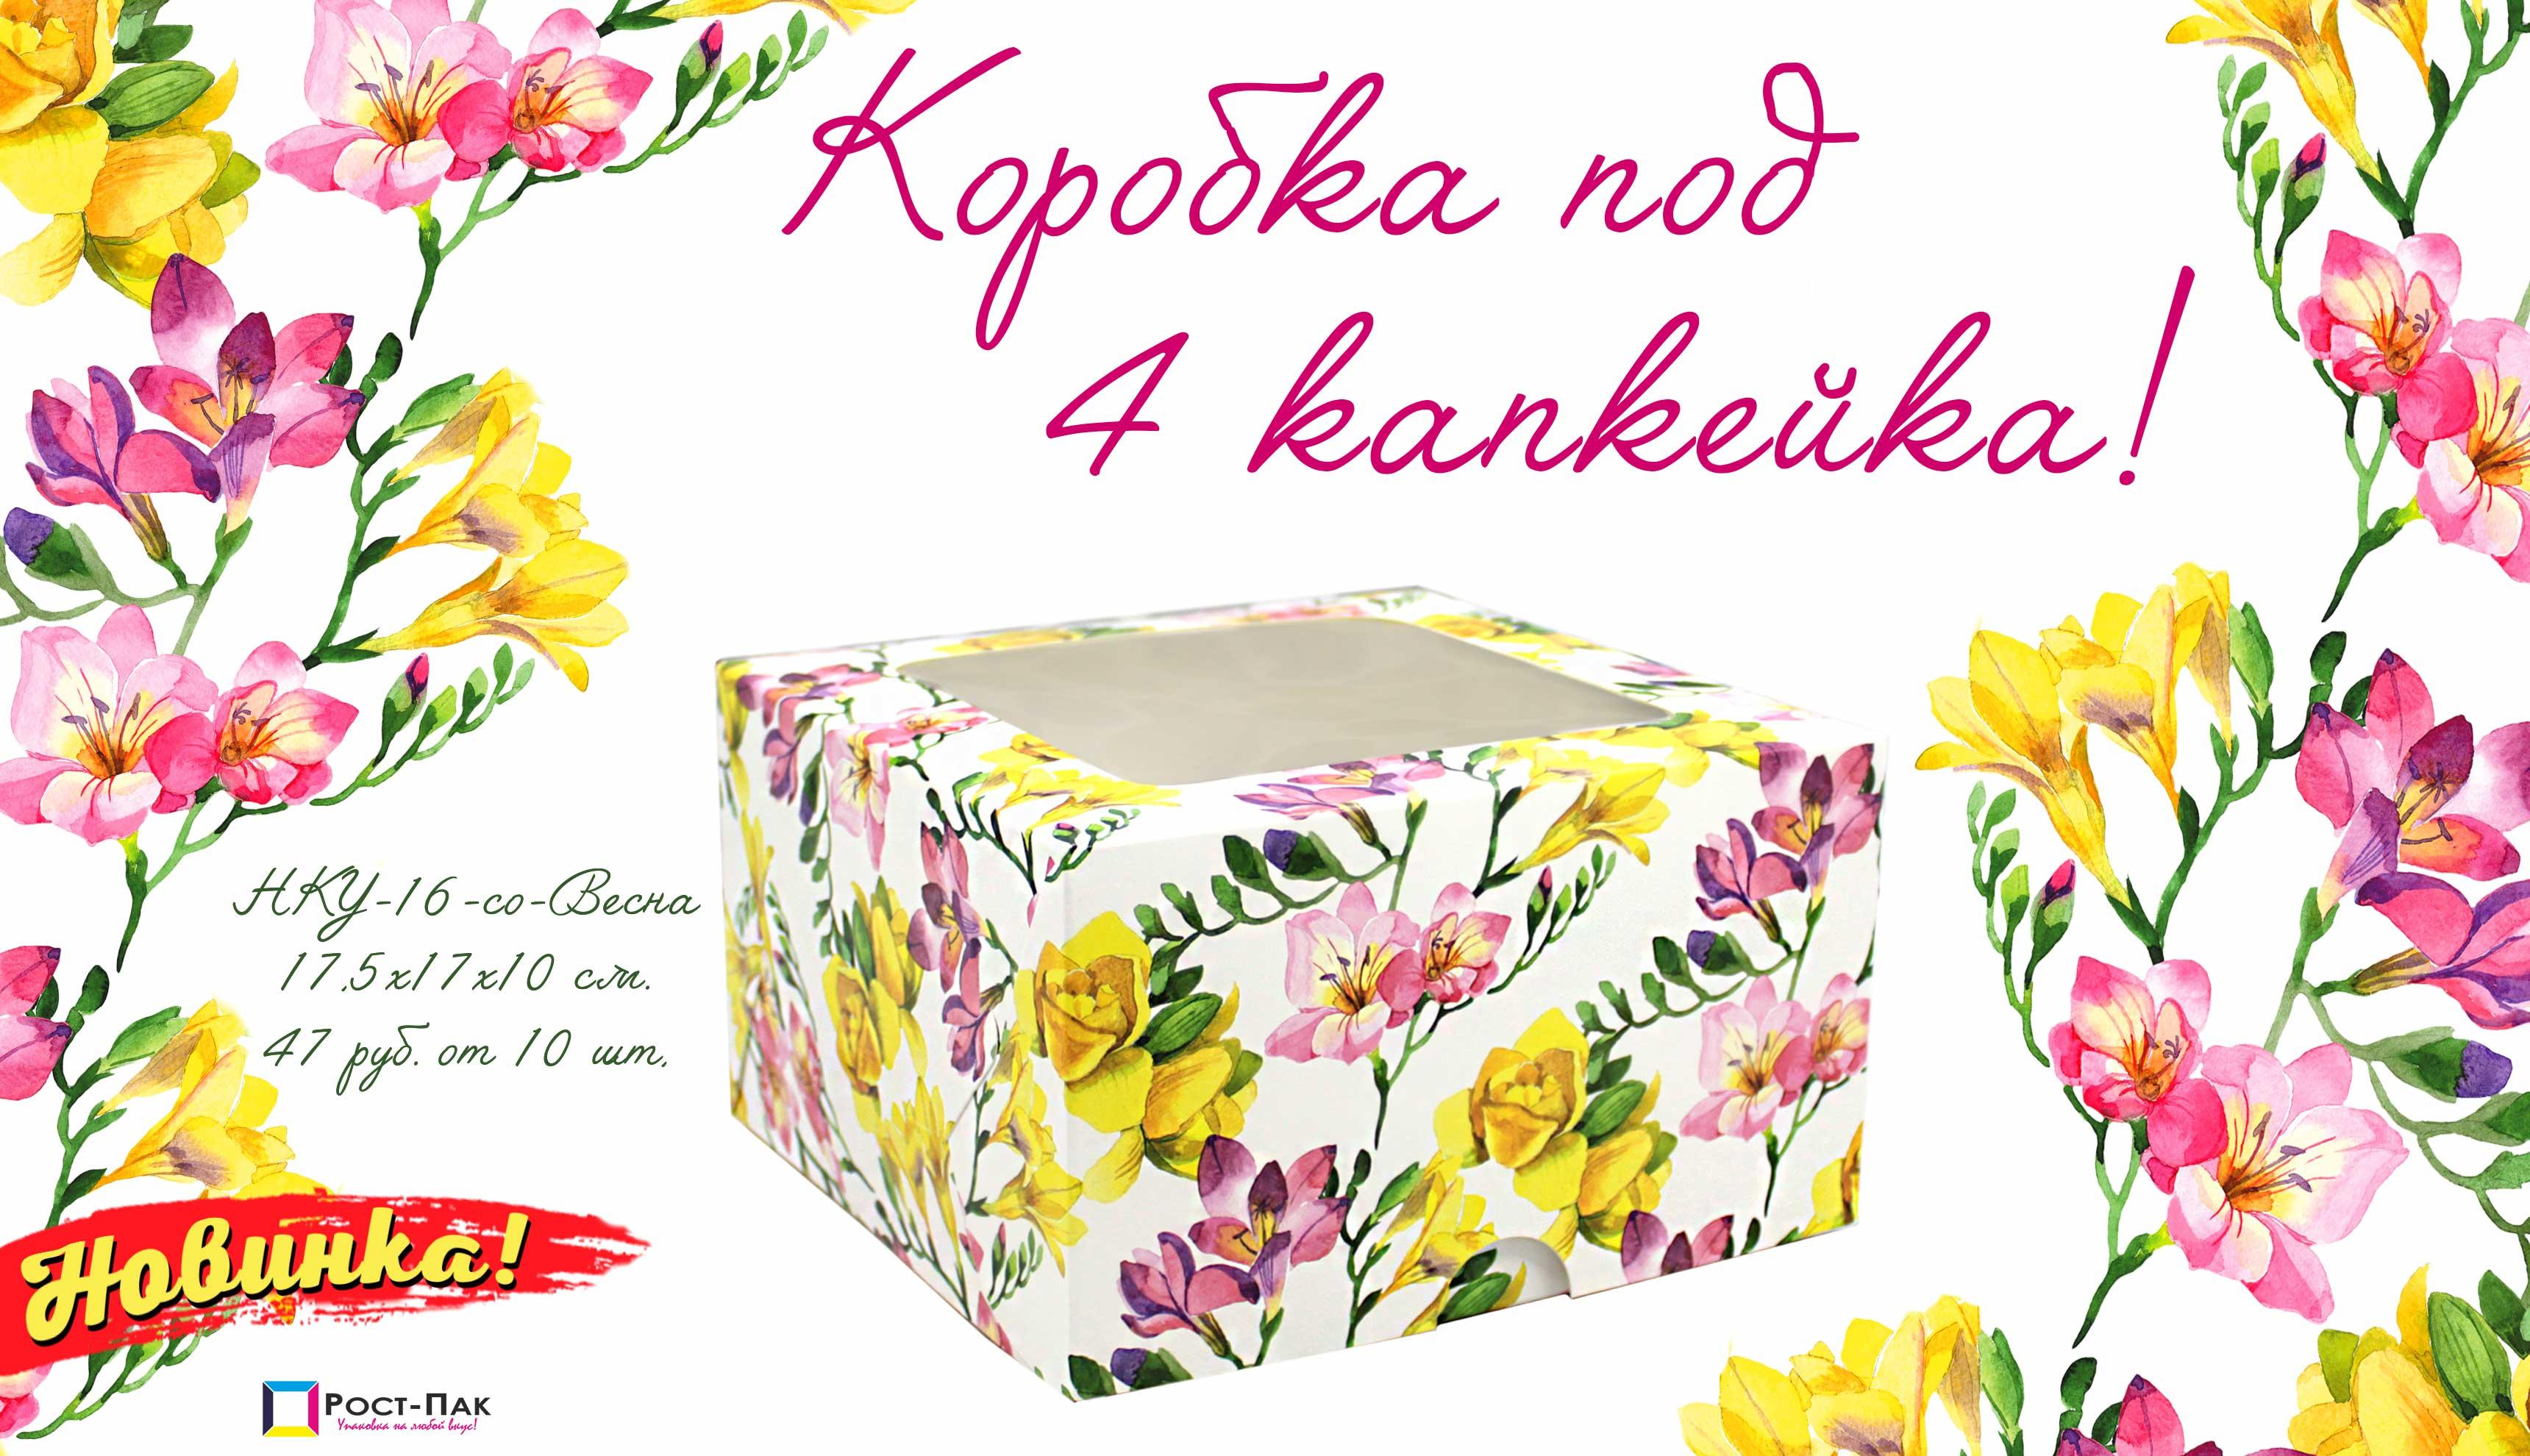 НКУ-16-со-Весна